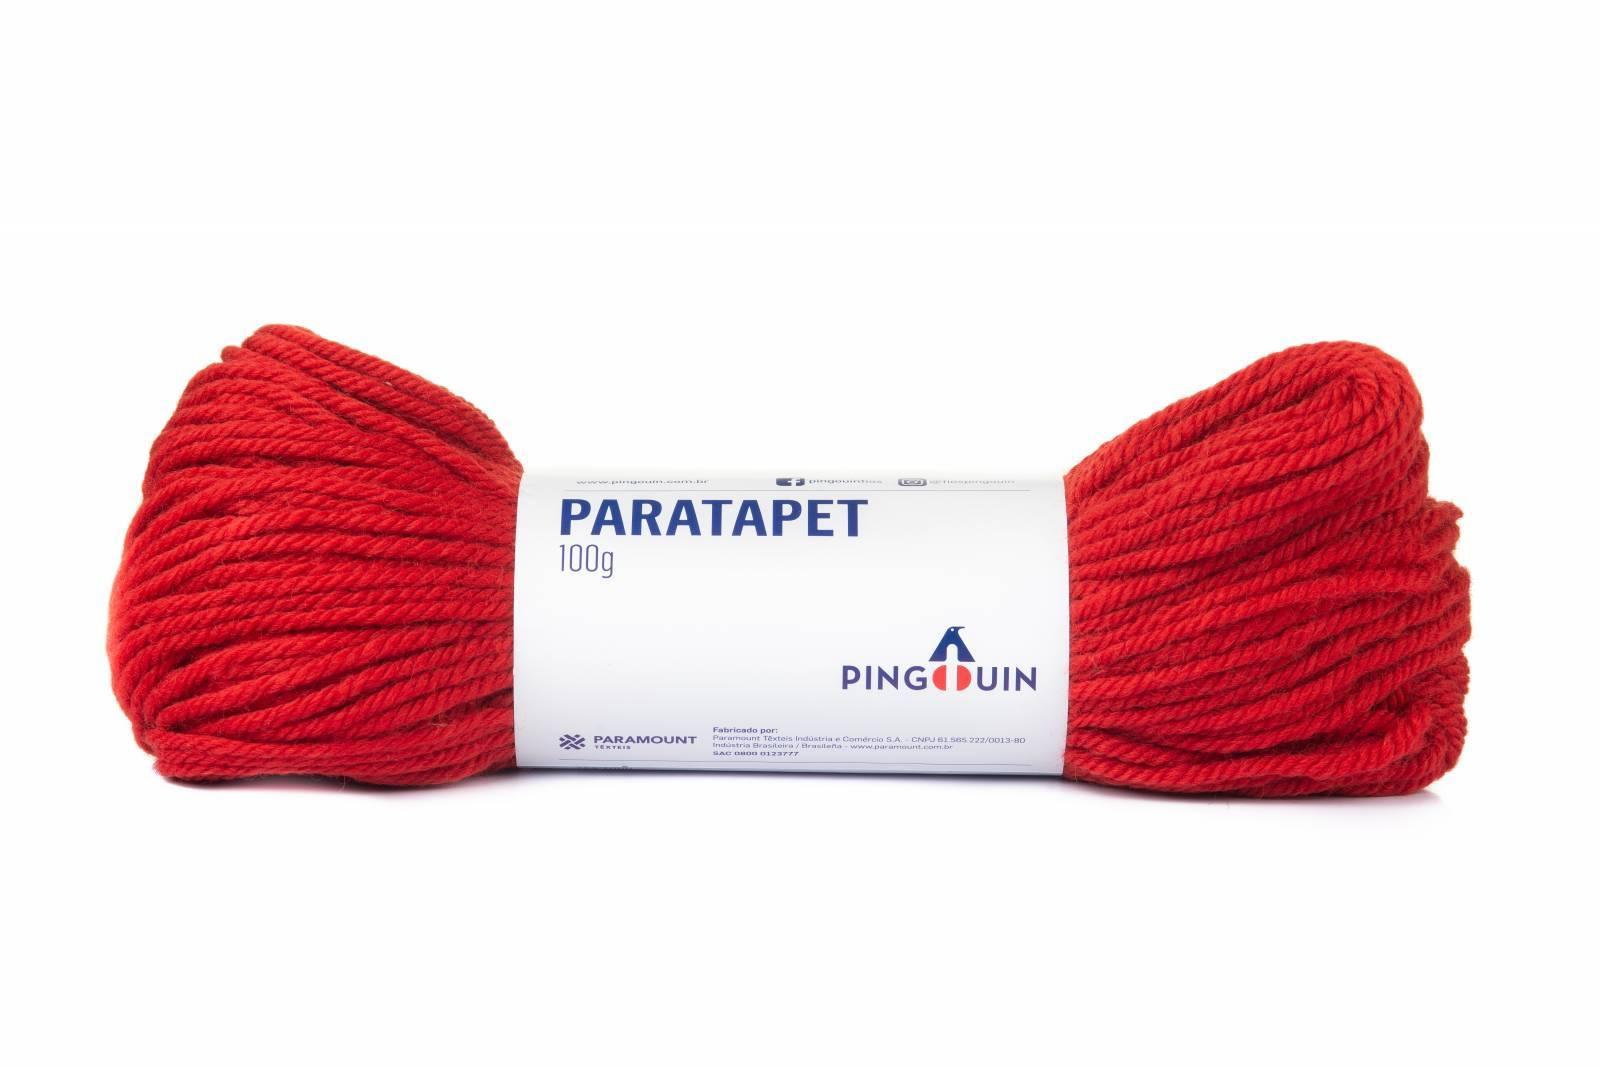 Paratapet cor 315 vermelho - BAÚ DA VOVÓ